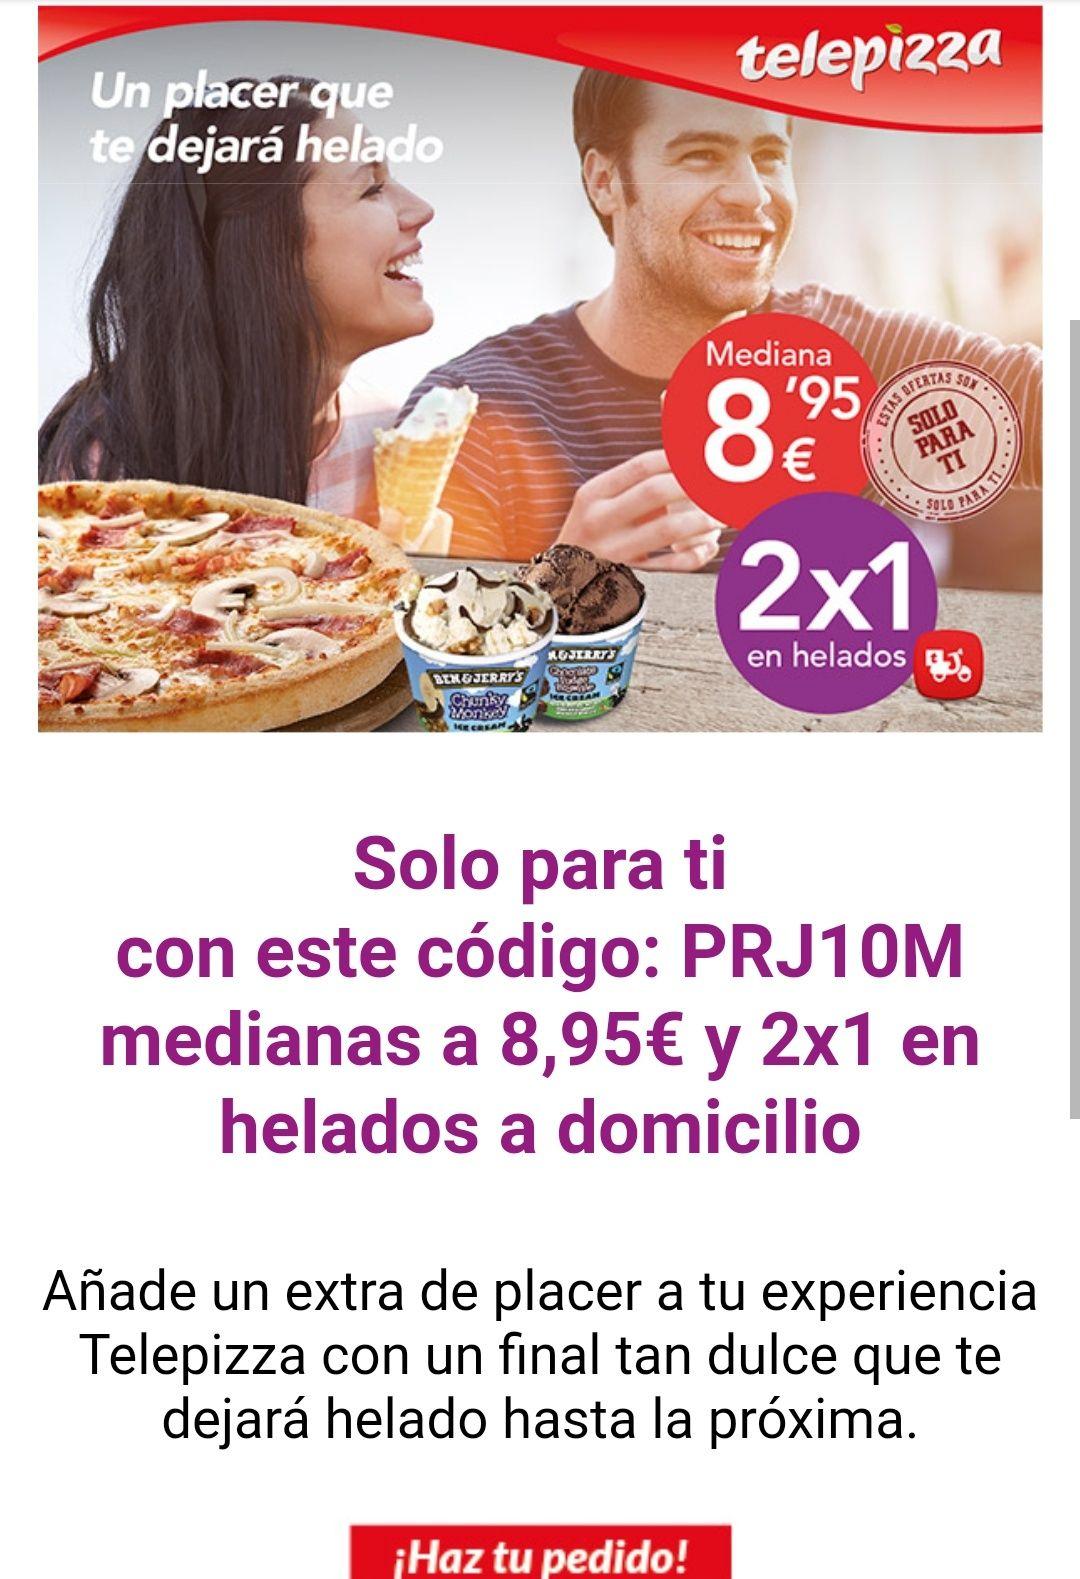 Telepizza - medianas a 8,95€